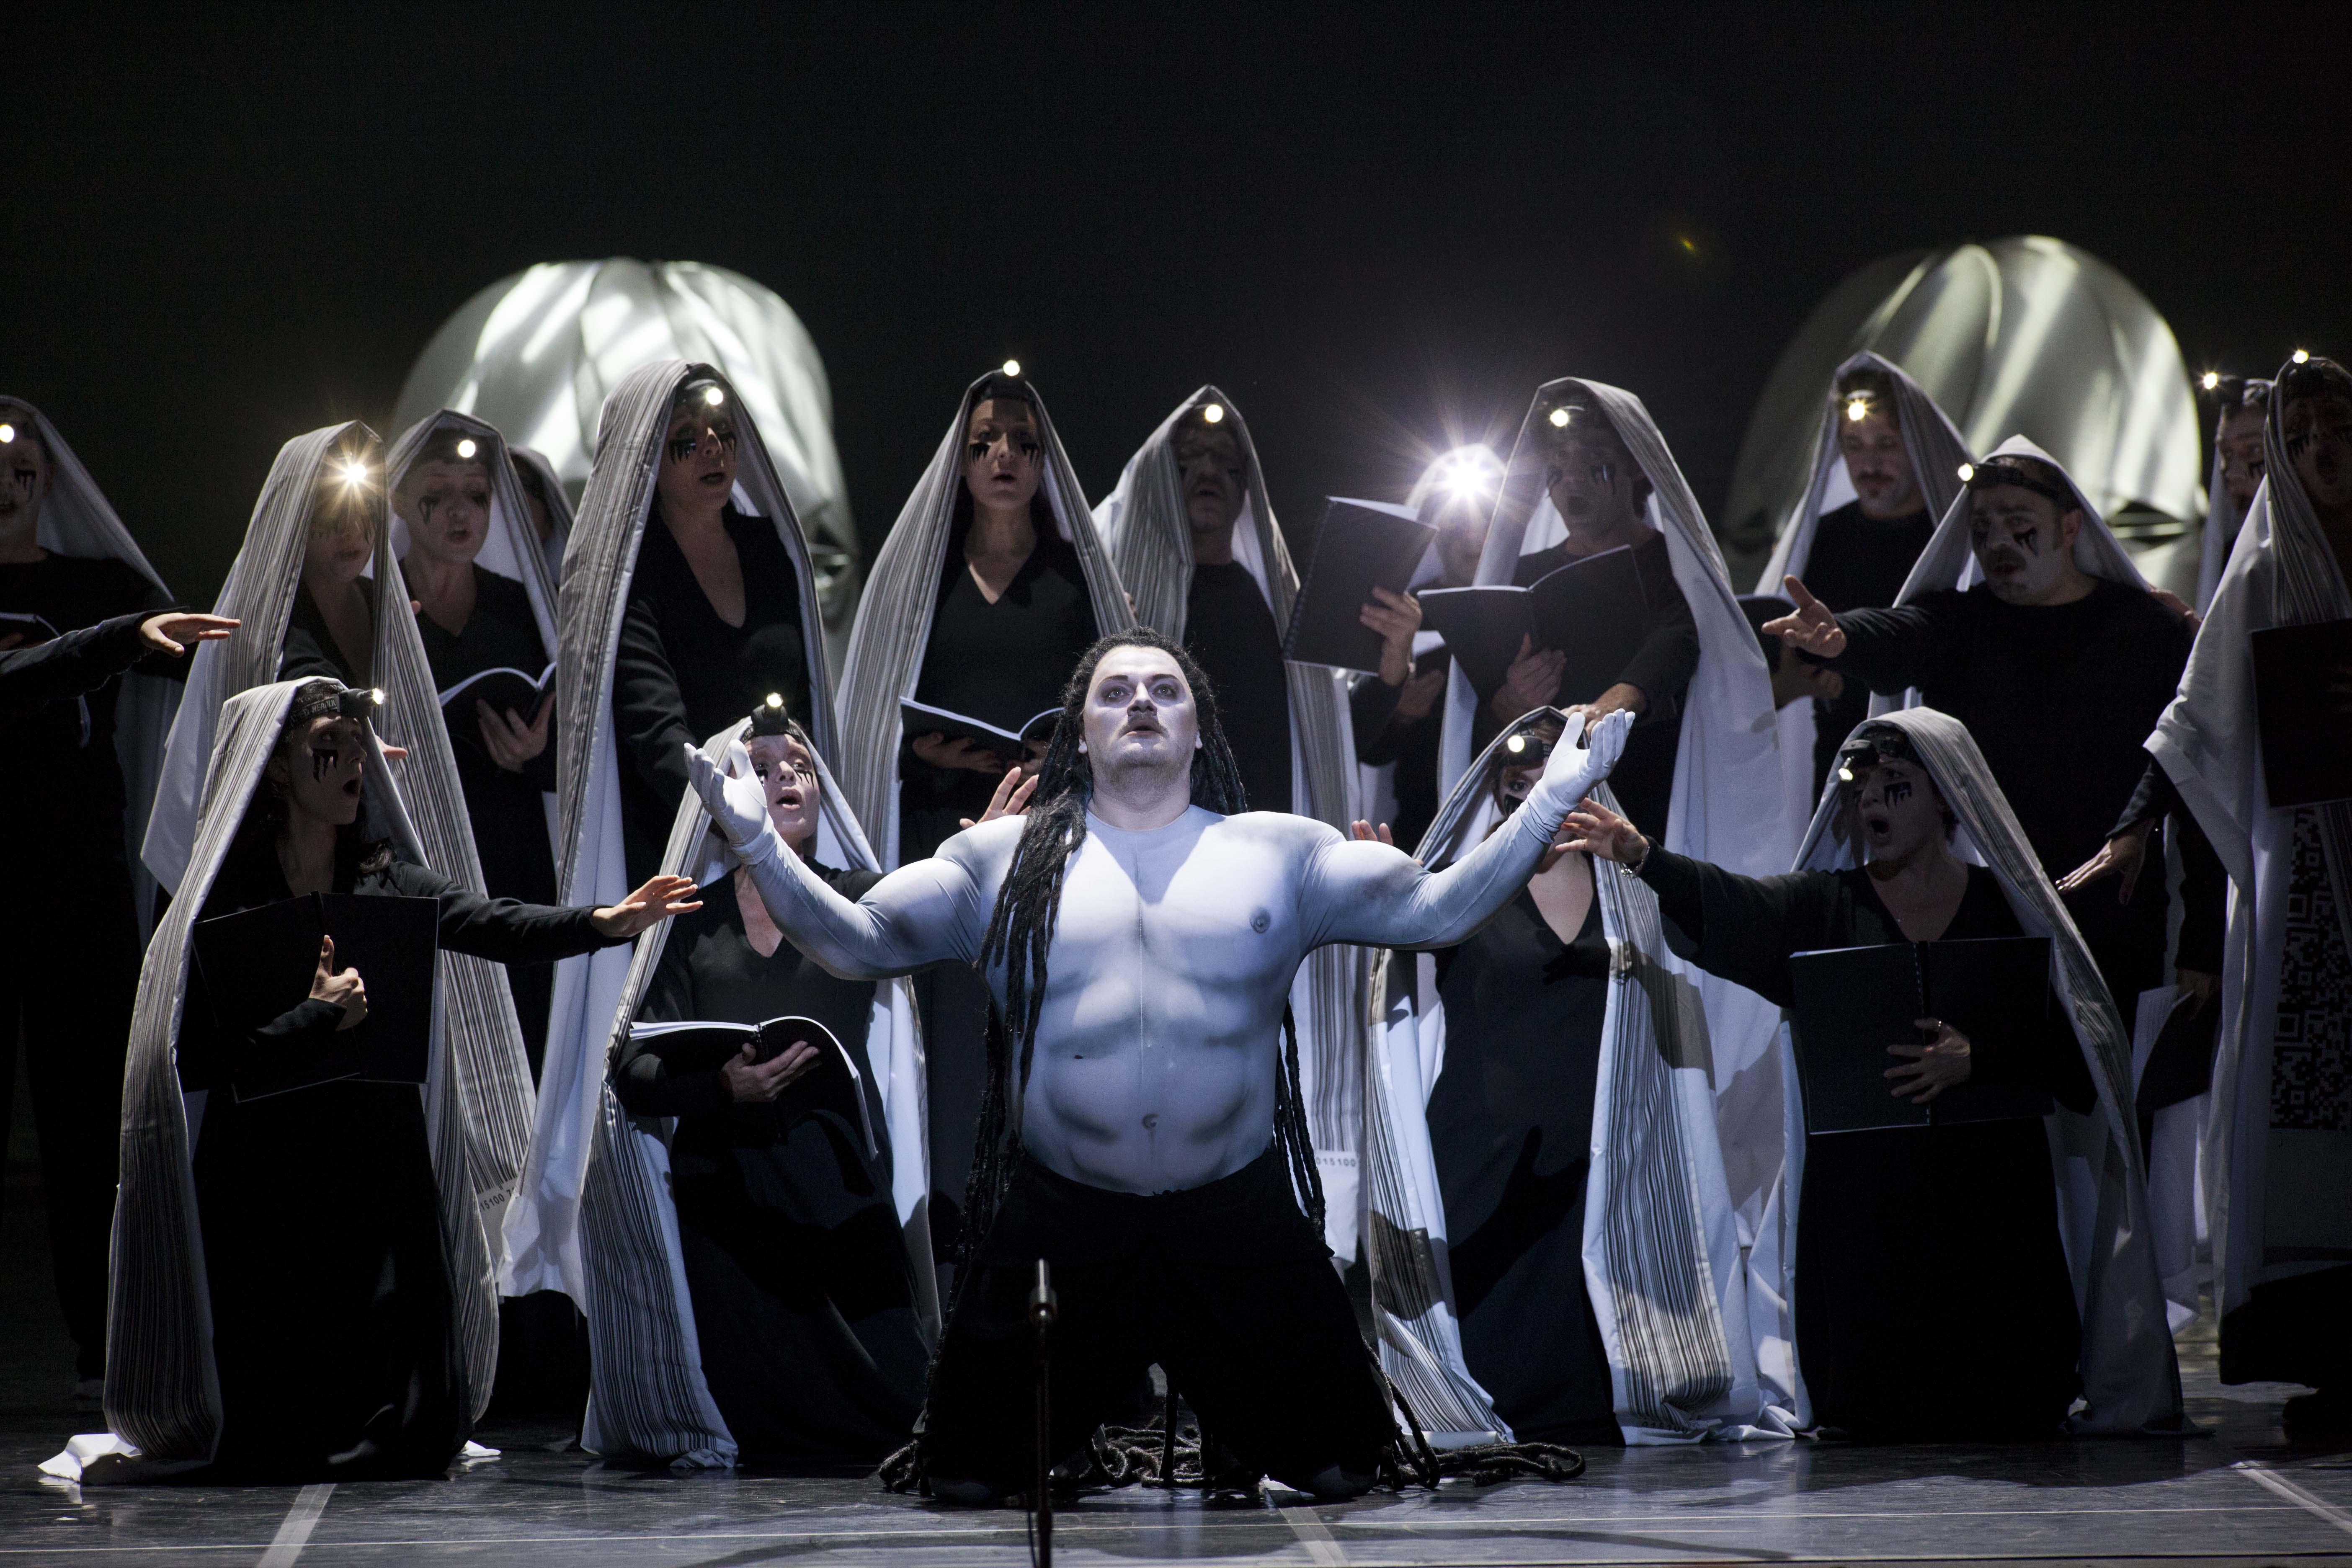 SAMSON ET DALILA Aleksandrs Antonenko(Sansone) Opera Roma,Stagione 2012-13 foto LellieMasotti©Teatro dell'Opera di Roma 4098